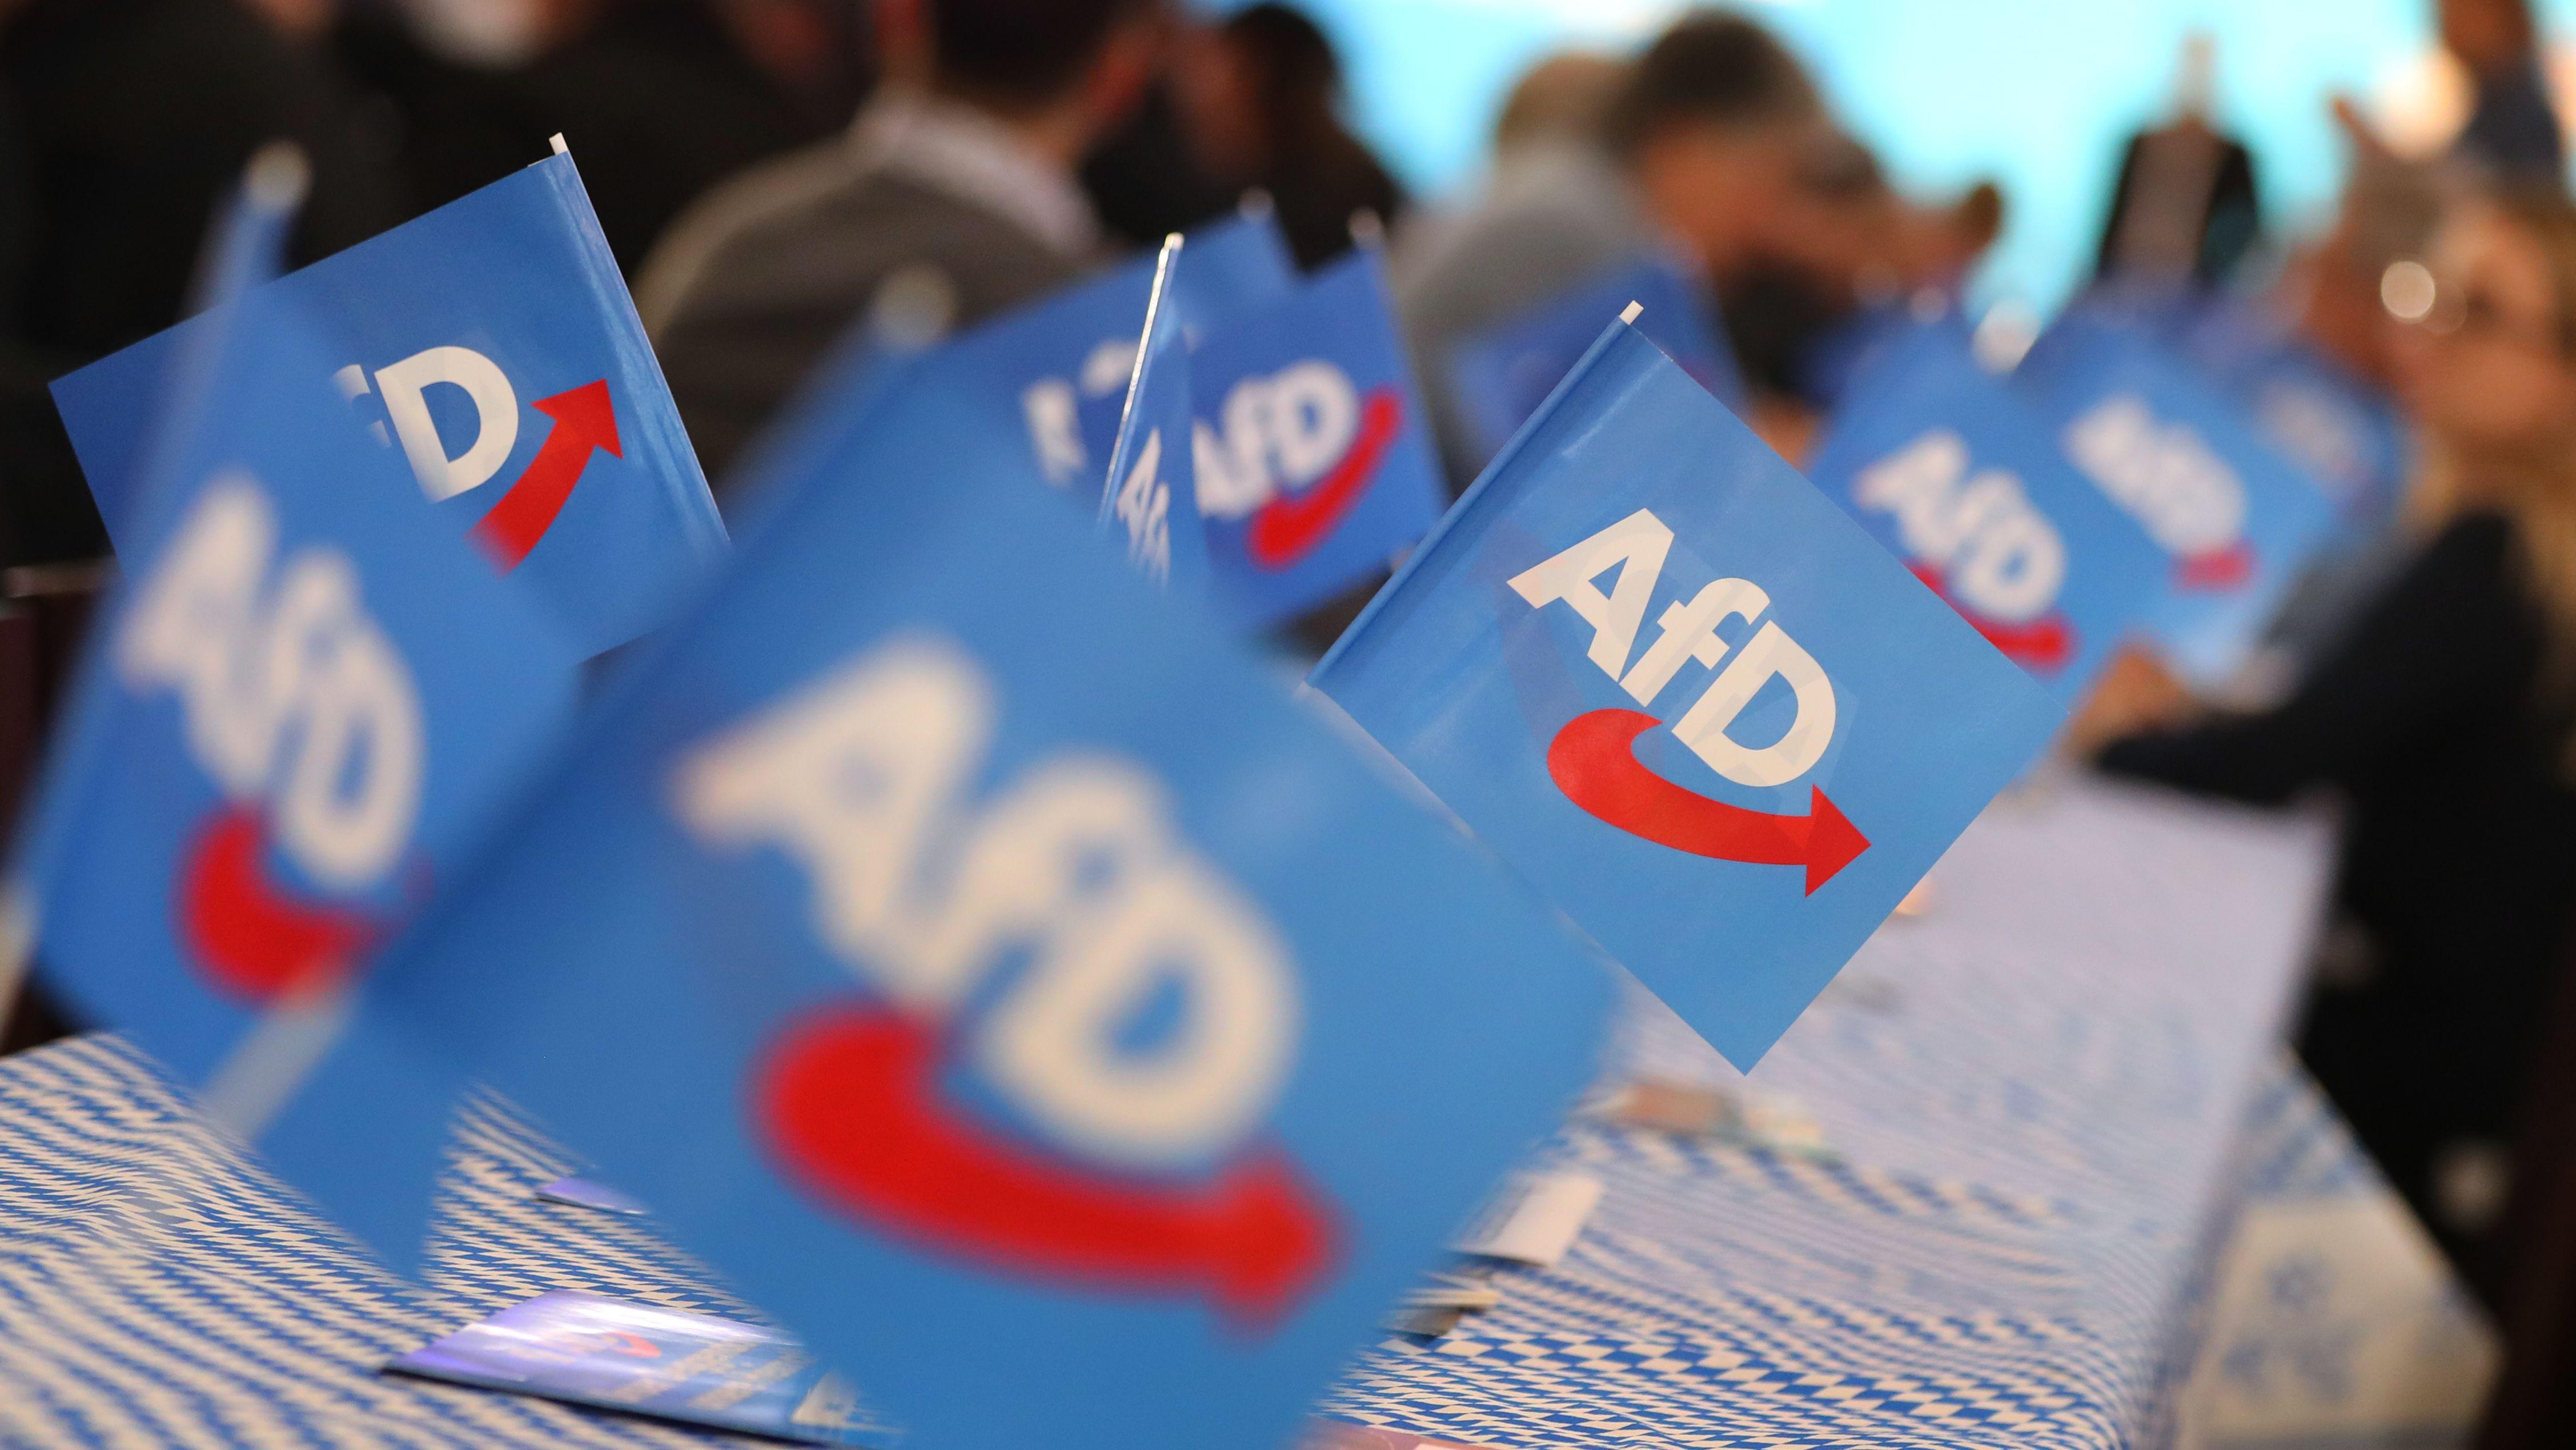 Archiv: Besucher des Politischen Aschermittwochs der Alternative für Deutschland (AfD) sitzen hinter AfD-Fähnchen.